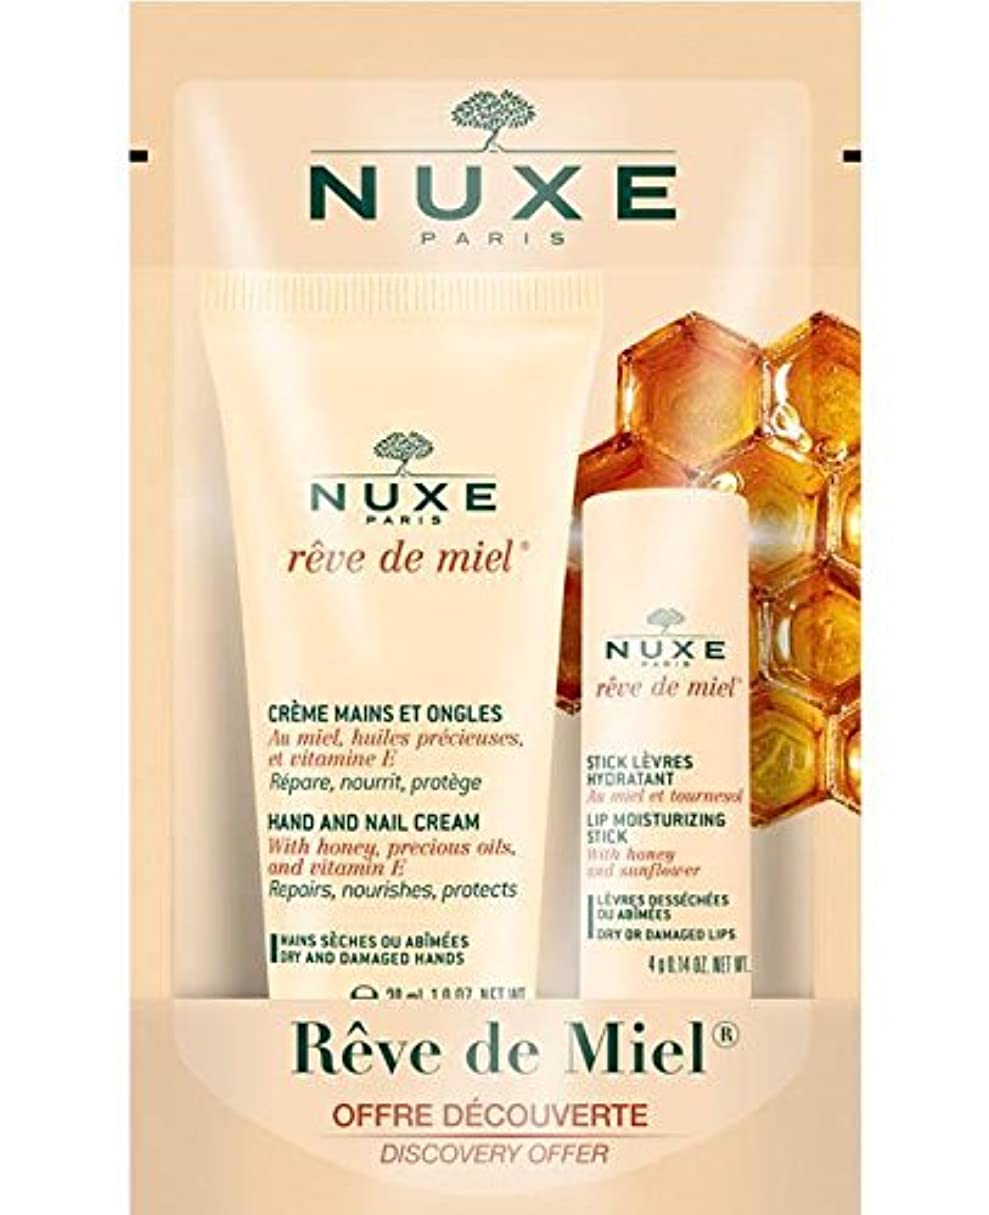 豊富に残り物有用ニュクス[NUXE] レーブドミエル ハンド&ネイル クリーム 30mlとレーブドミエル リップ モイスチャライジング スティック 4g 2本セット